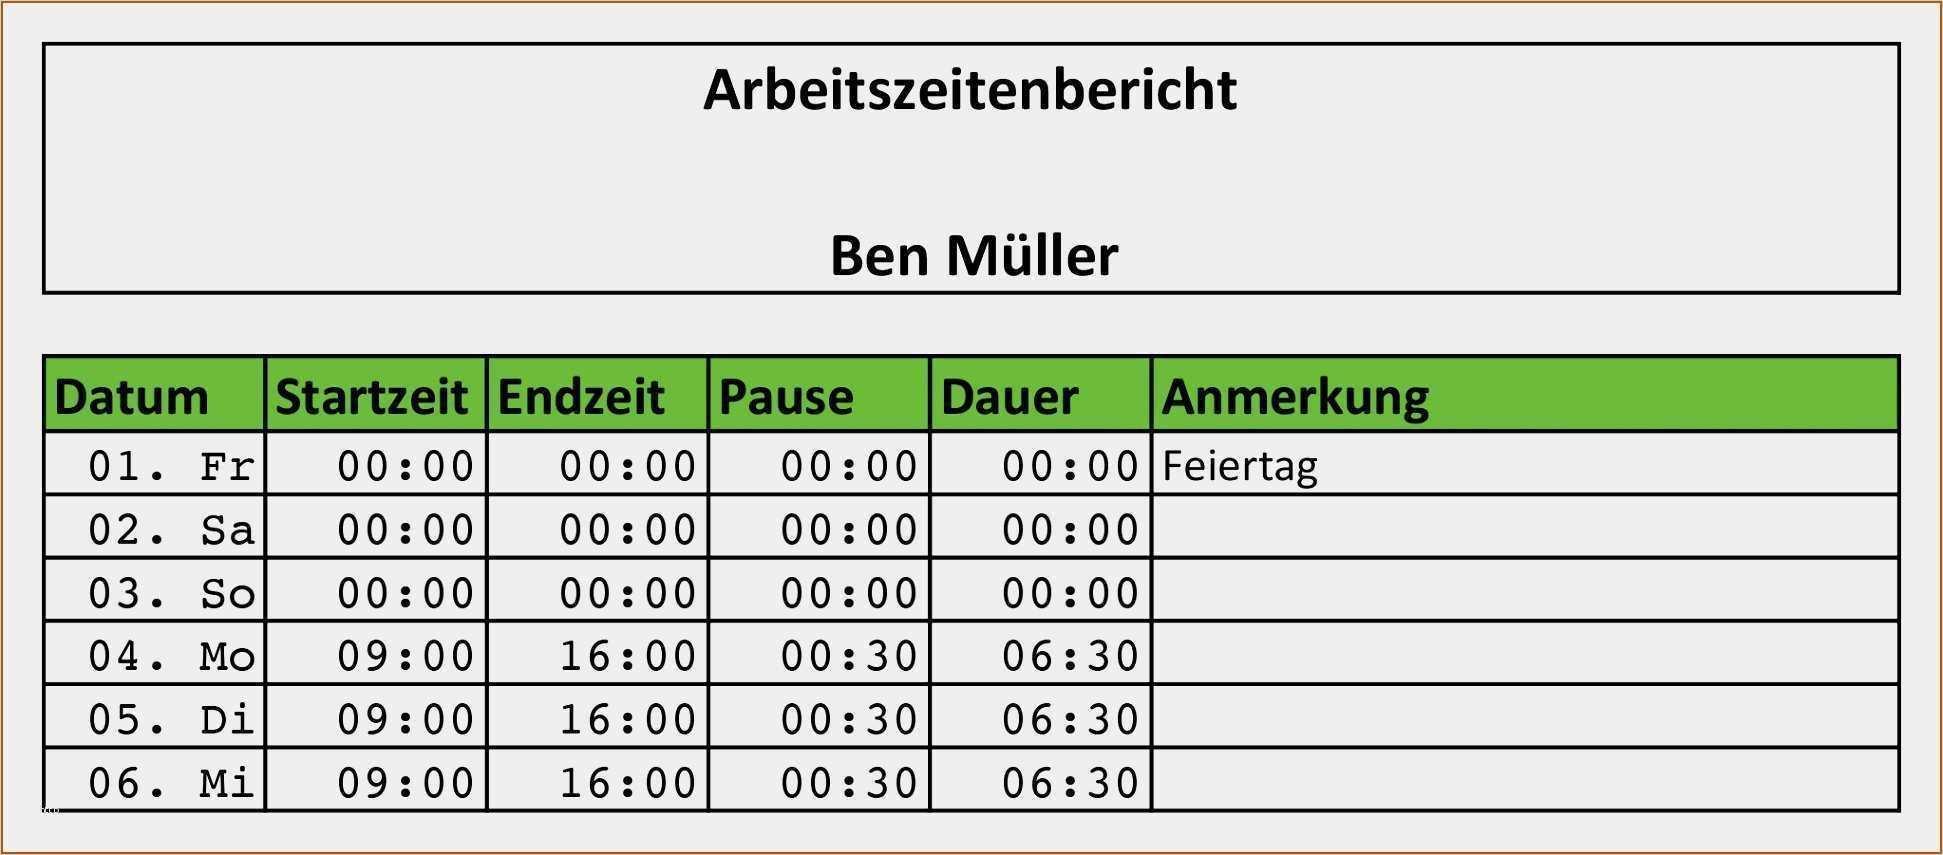 37 Erstaunlich Openoffice Stundenzettel Vorlage Vorrate Excel Vorlage Zeiterfassung Vorlagen